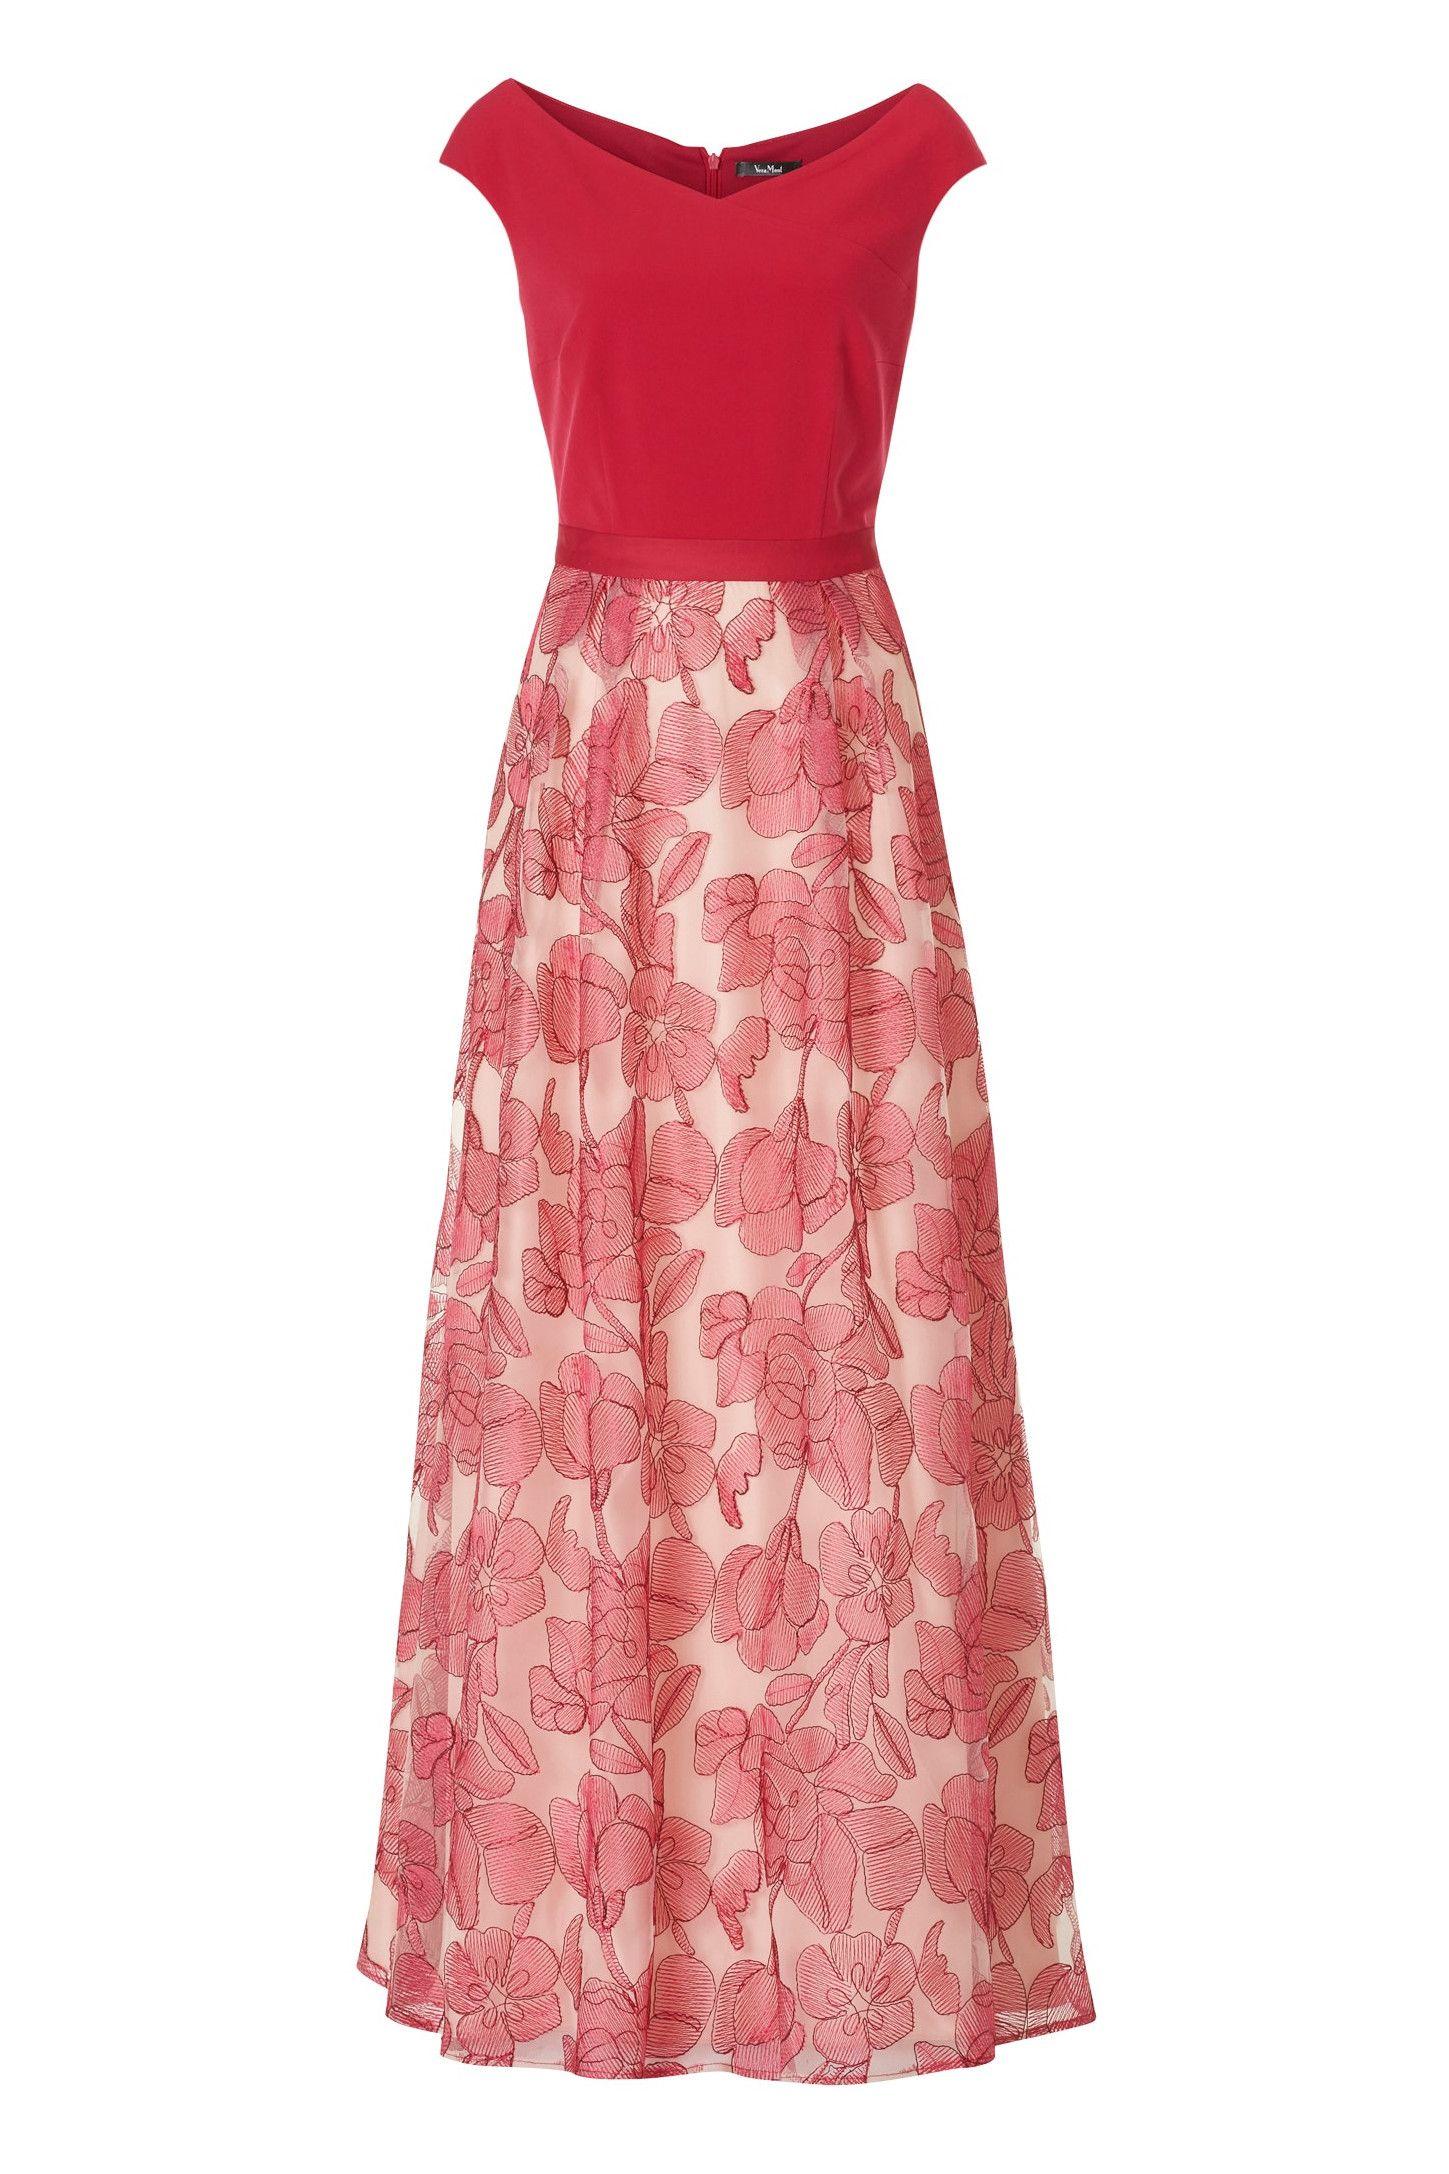 abendkleid mit langem rock | lange kleider, kleider für die